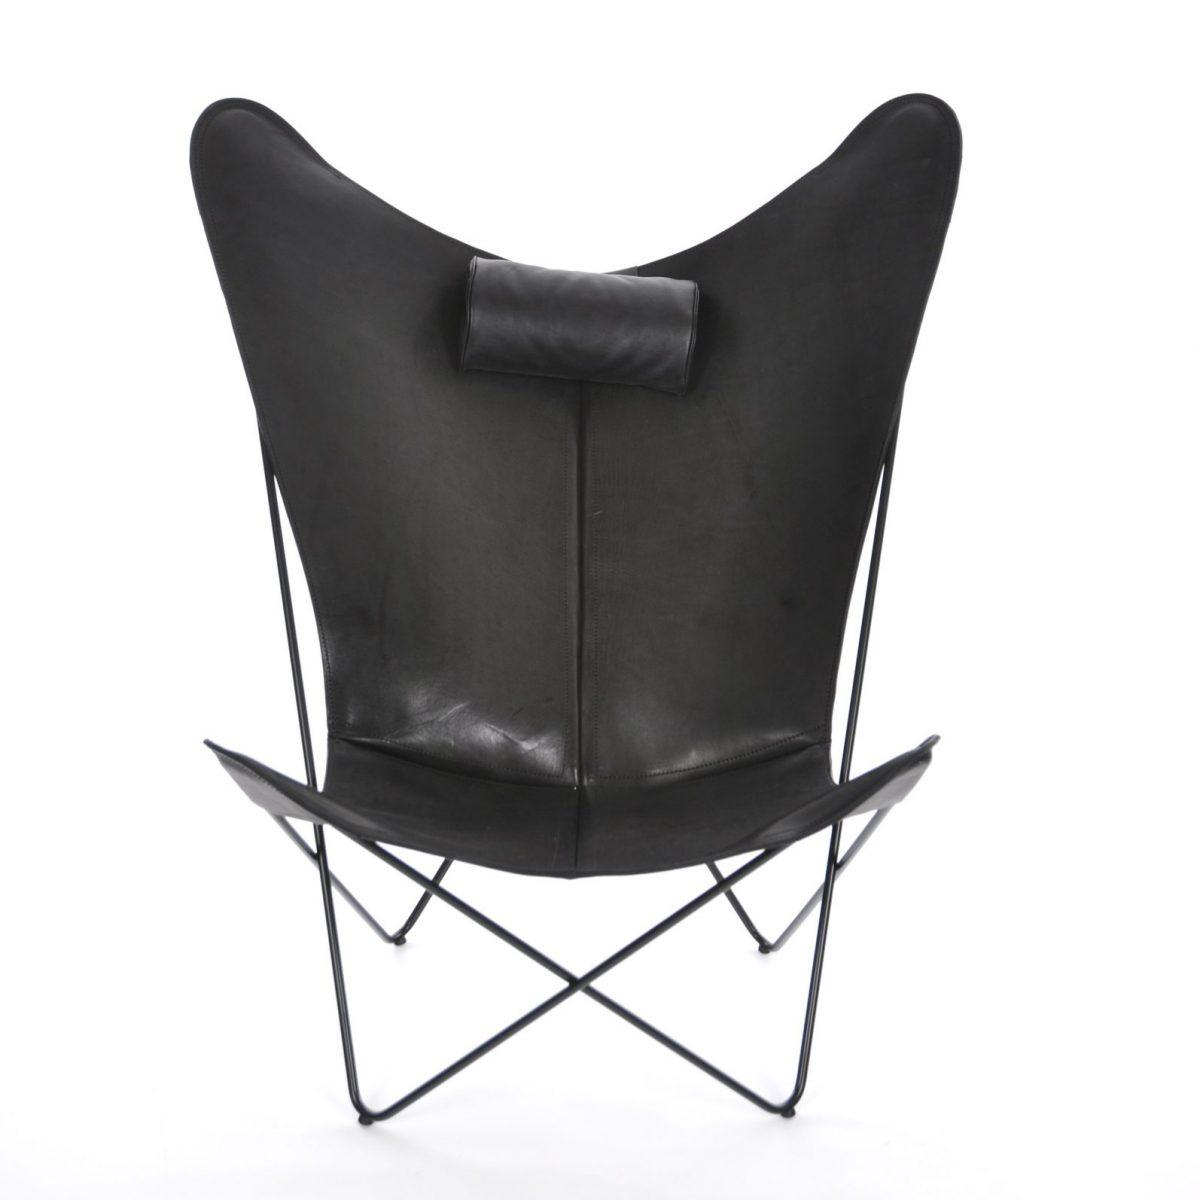 KS-Chair-black-in-black